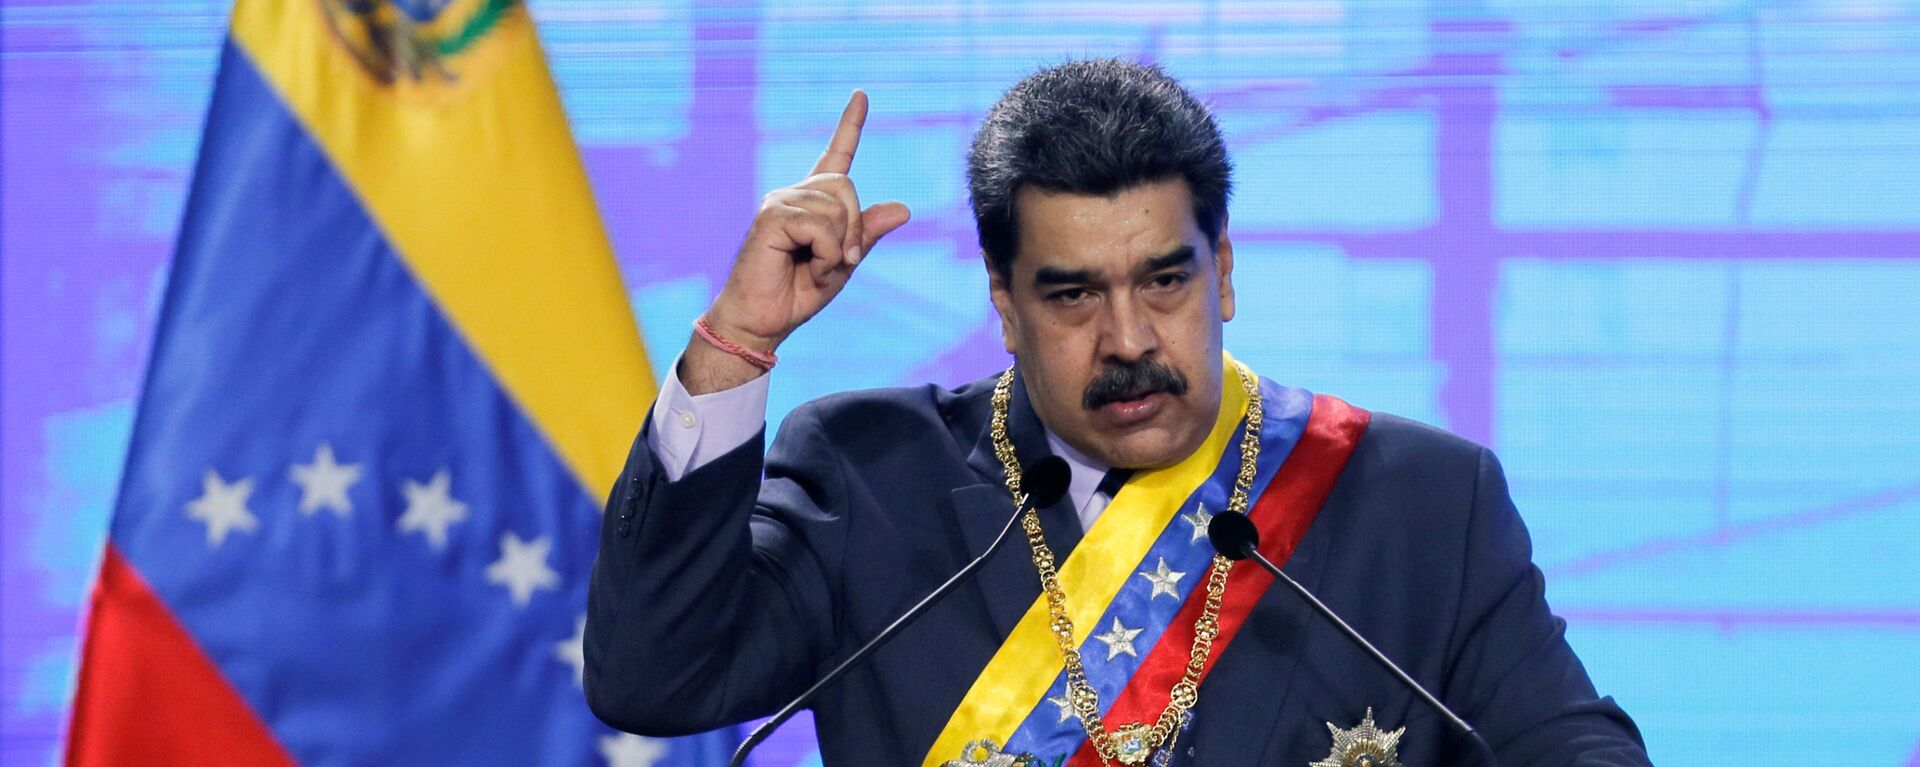 Nicolás Maduro, presidente de Venezuela - Sputnik Mundo, 1920, 05.05.2021